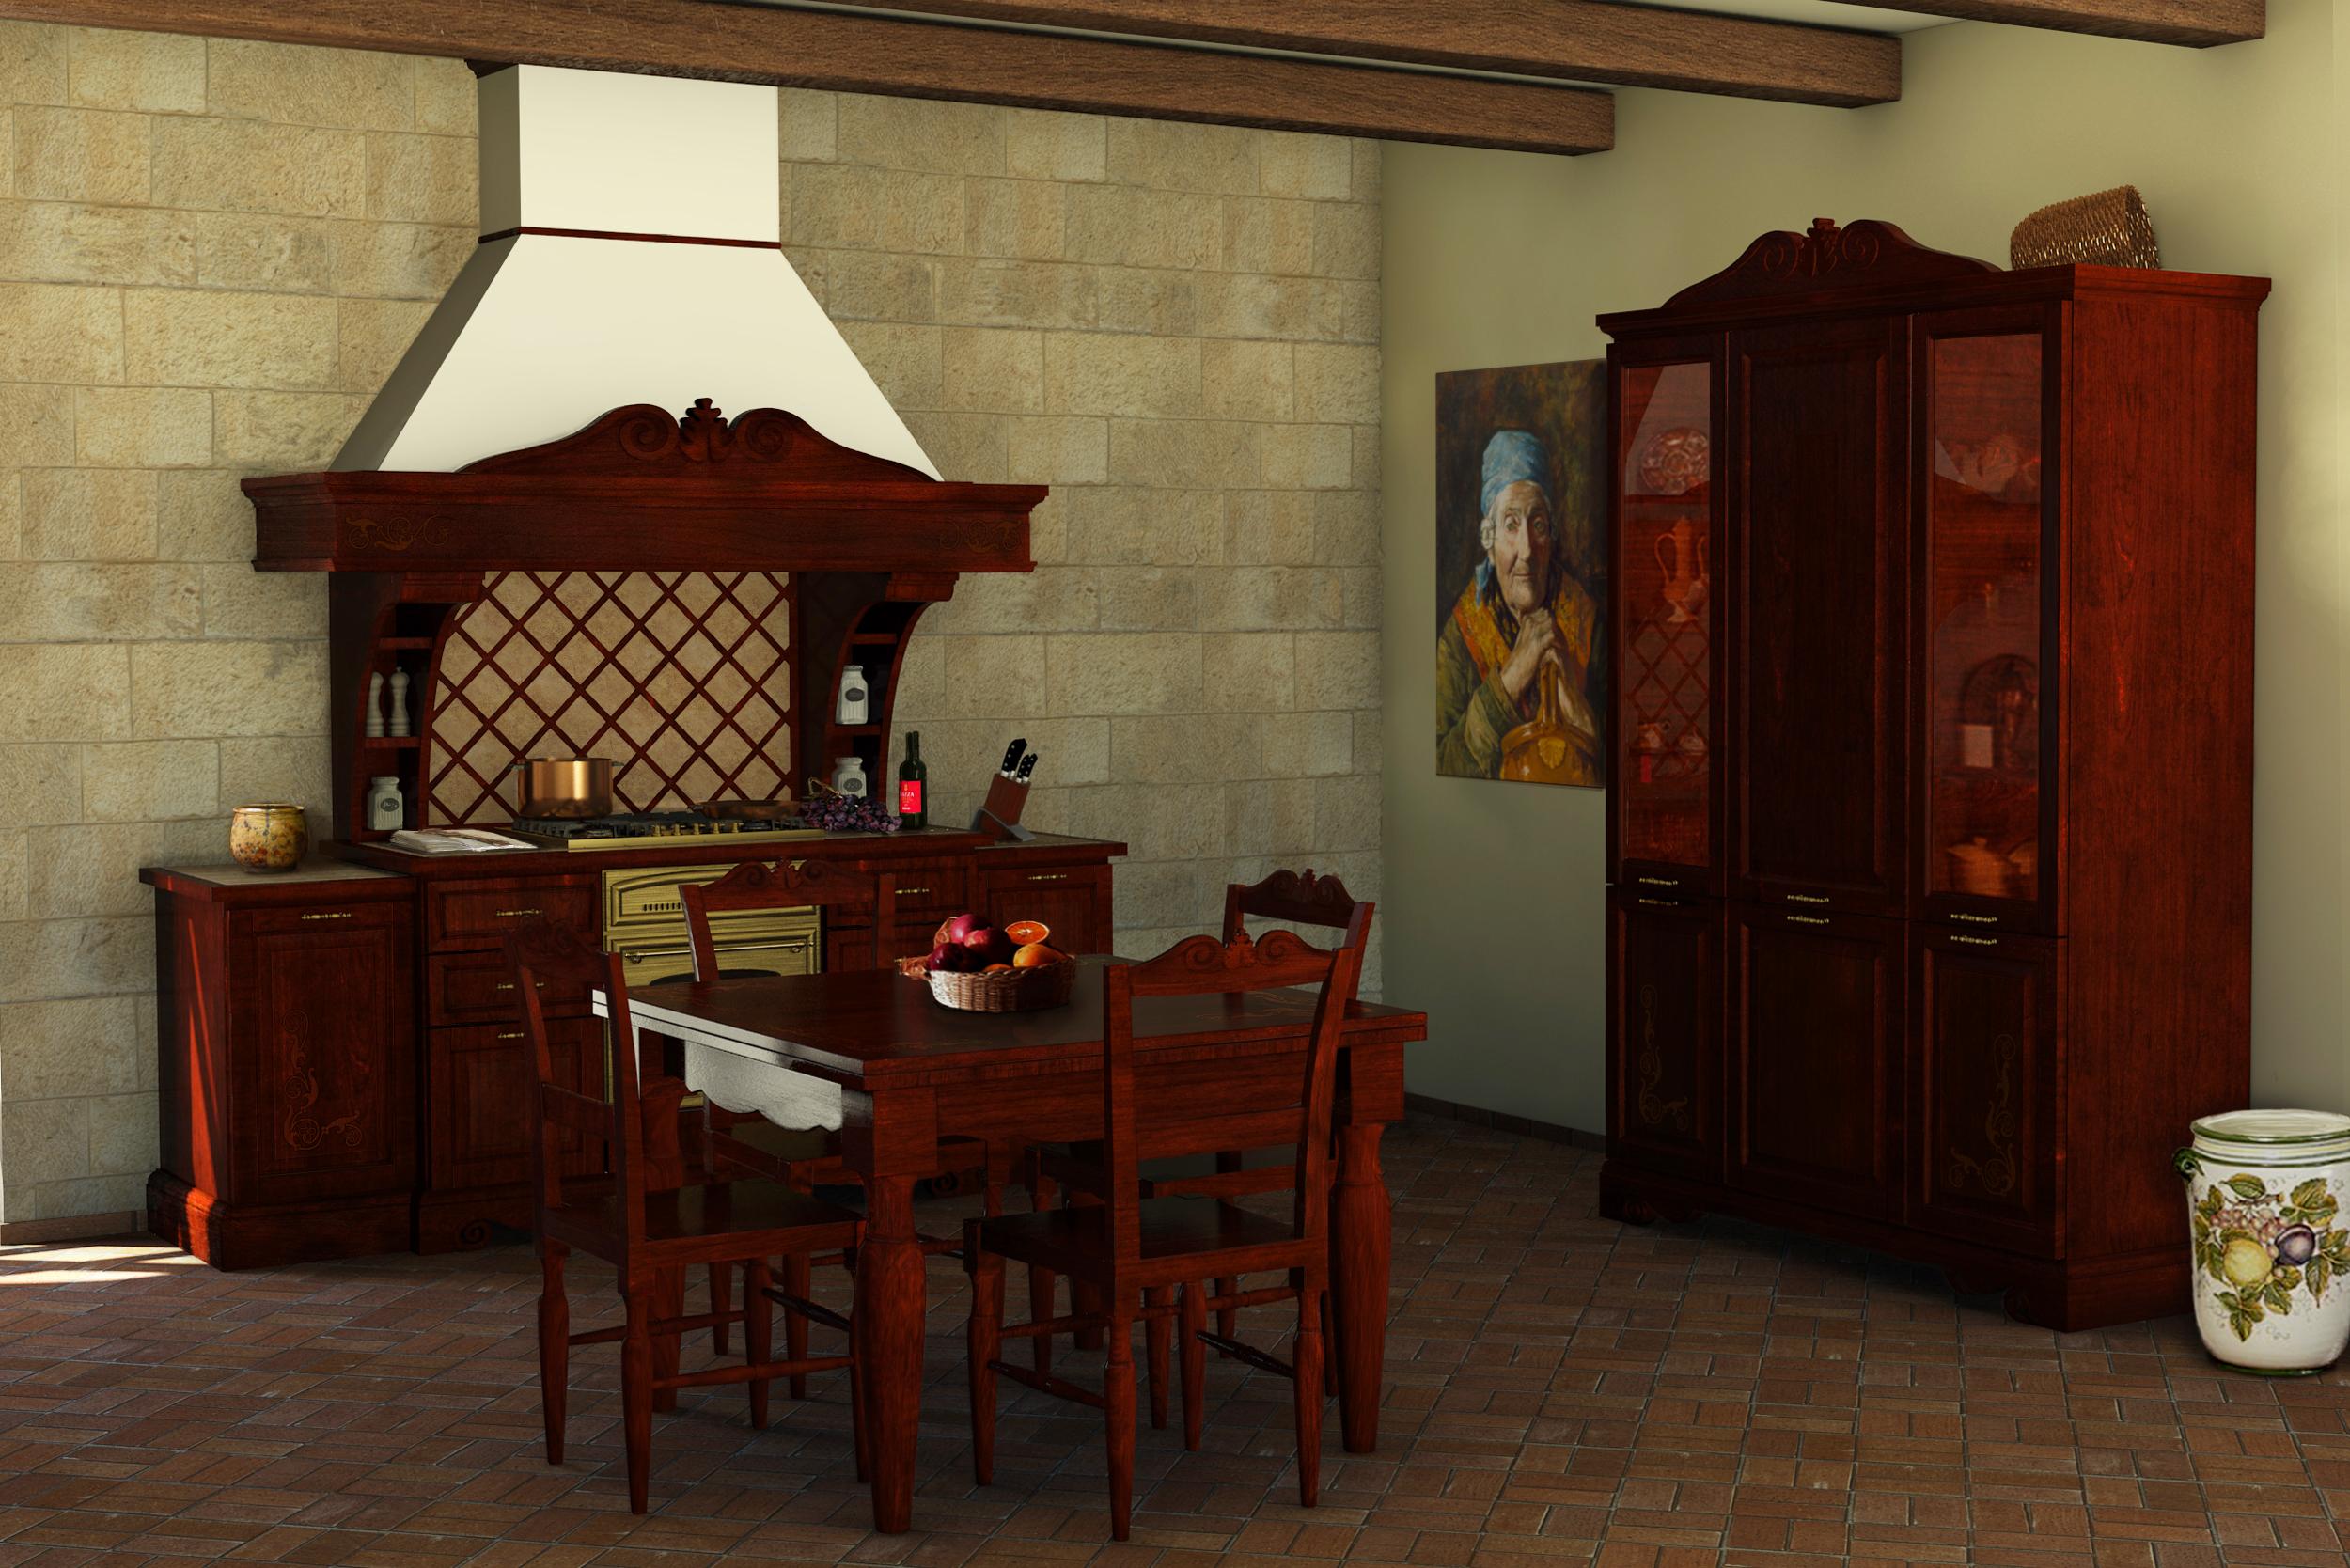 Cucine Della Nonna Cucine Classiche In Legno Massello #B43017 2500 1668 Cucine Classiche Con Frigo Esterno